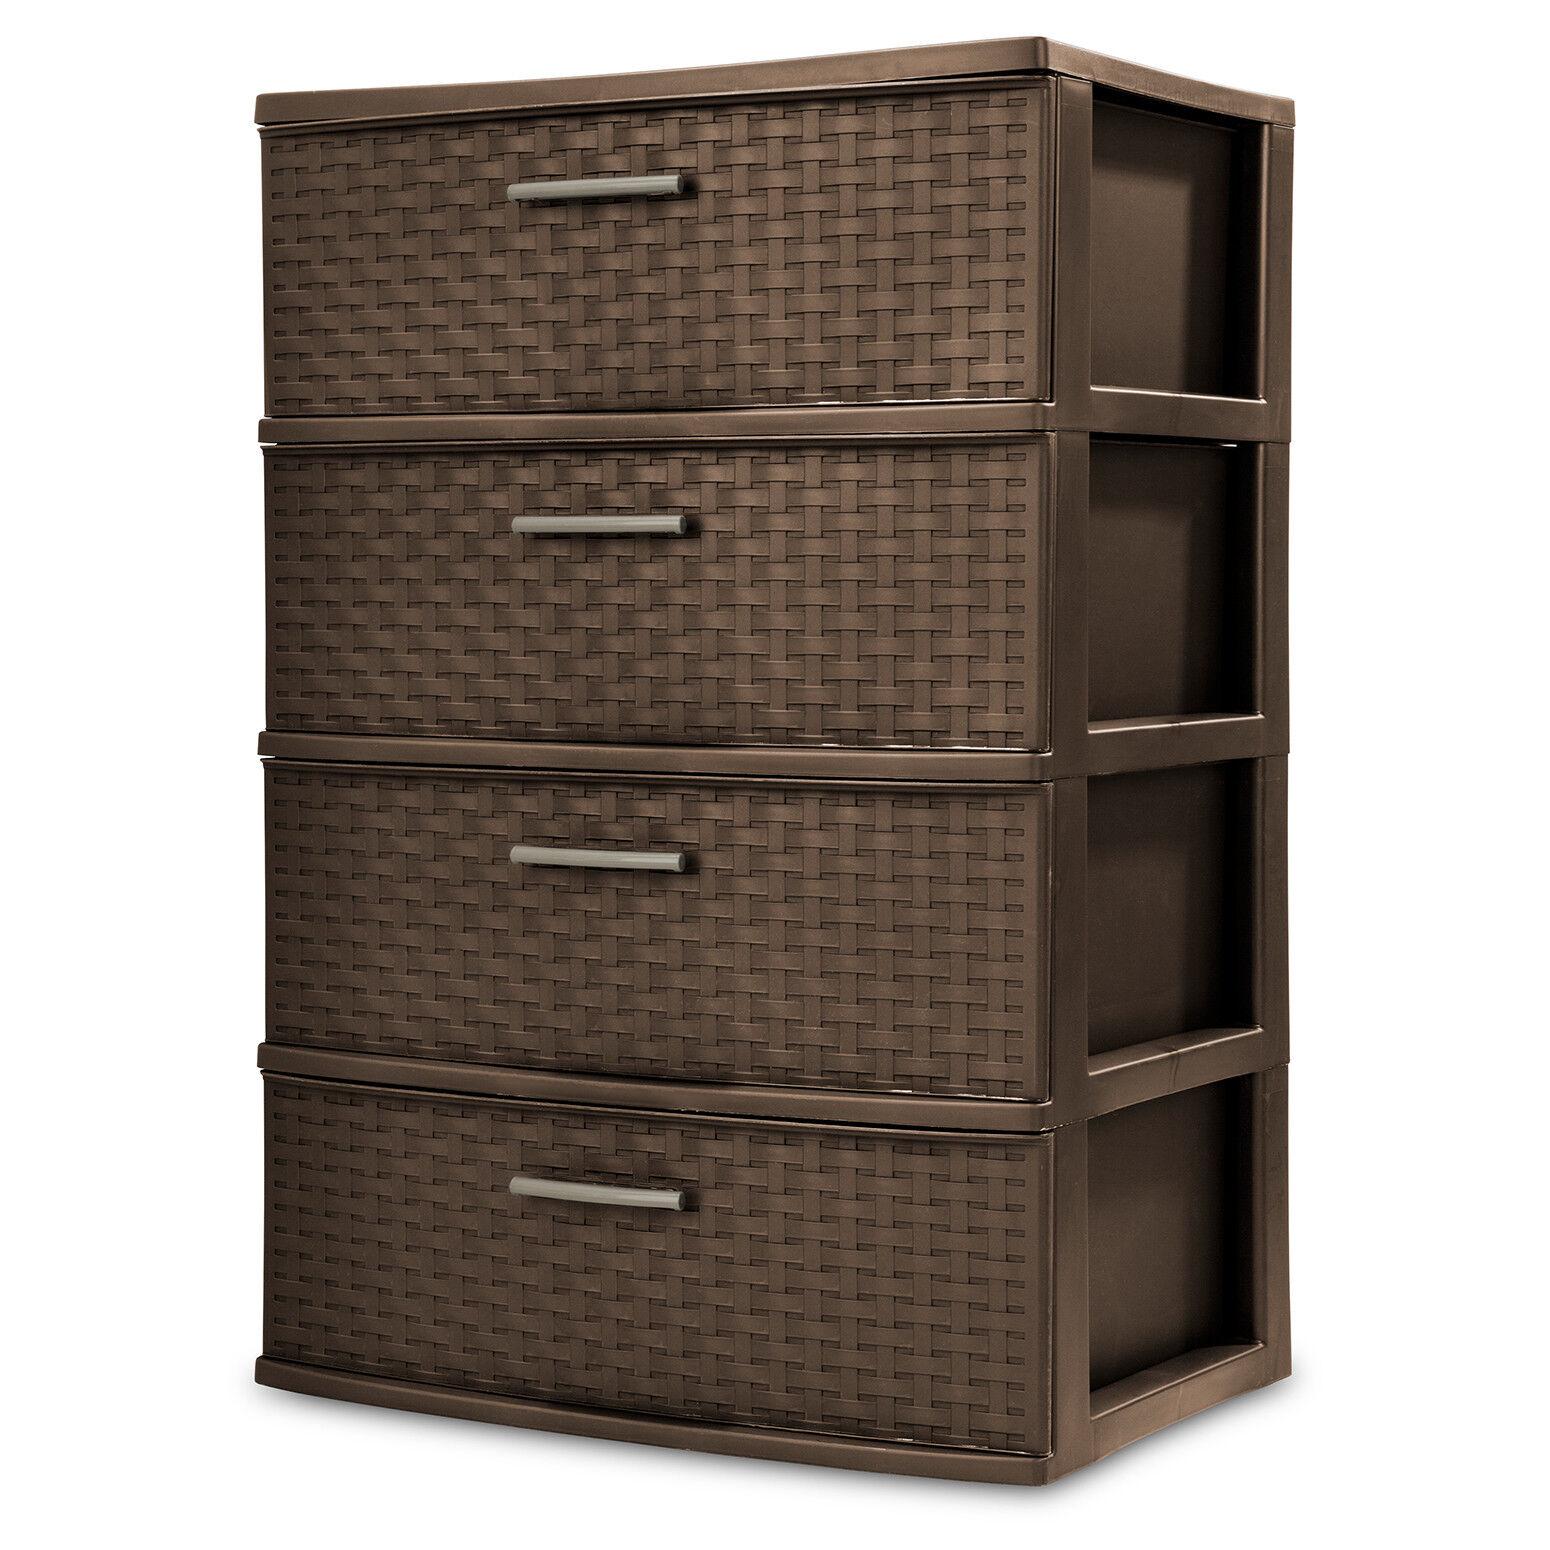 4 Drawer Organizer Wide Storage Cart Bin Container Set Of 2